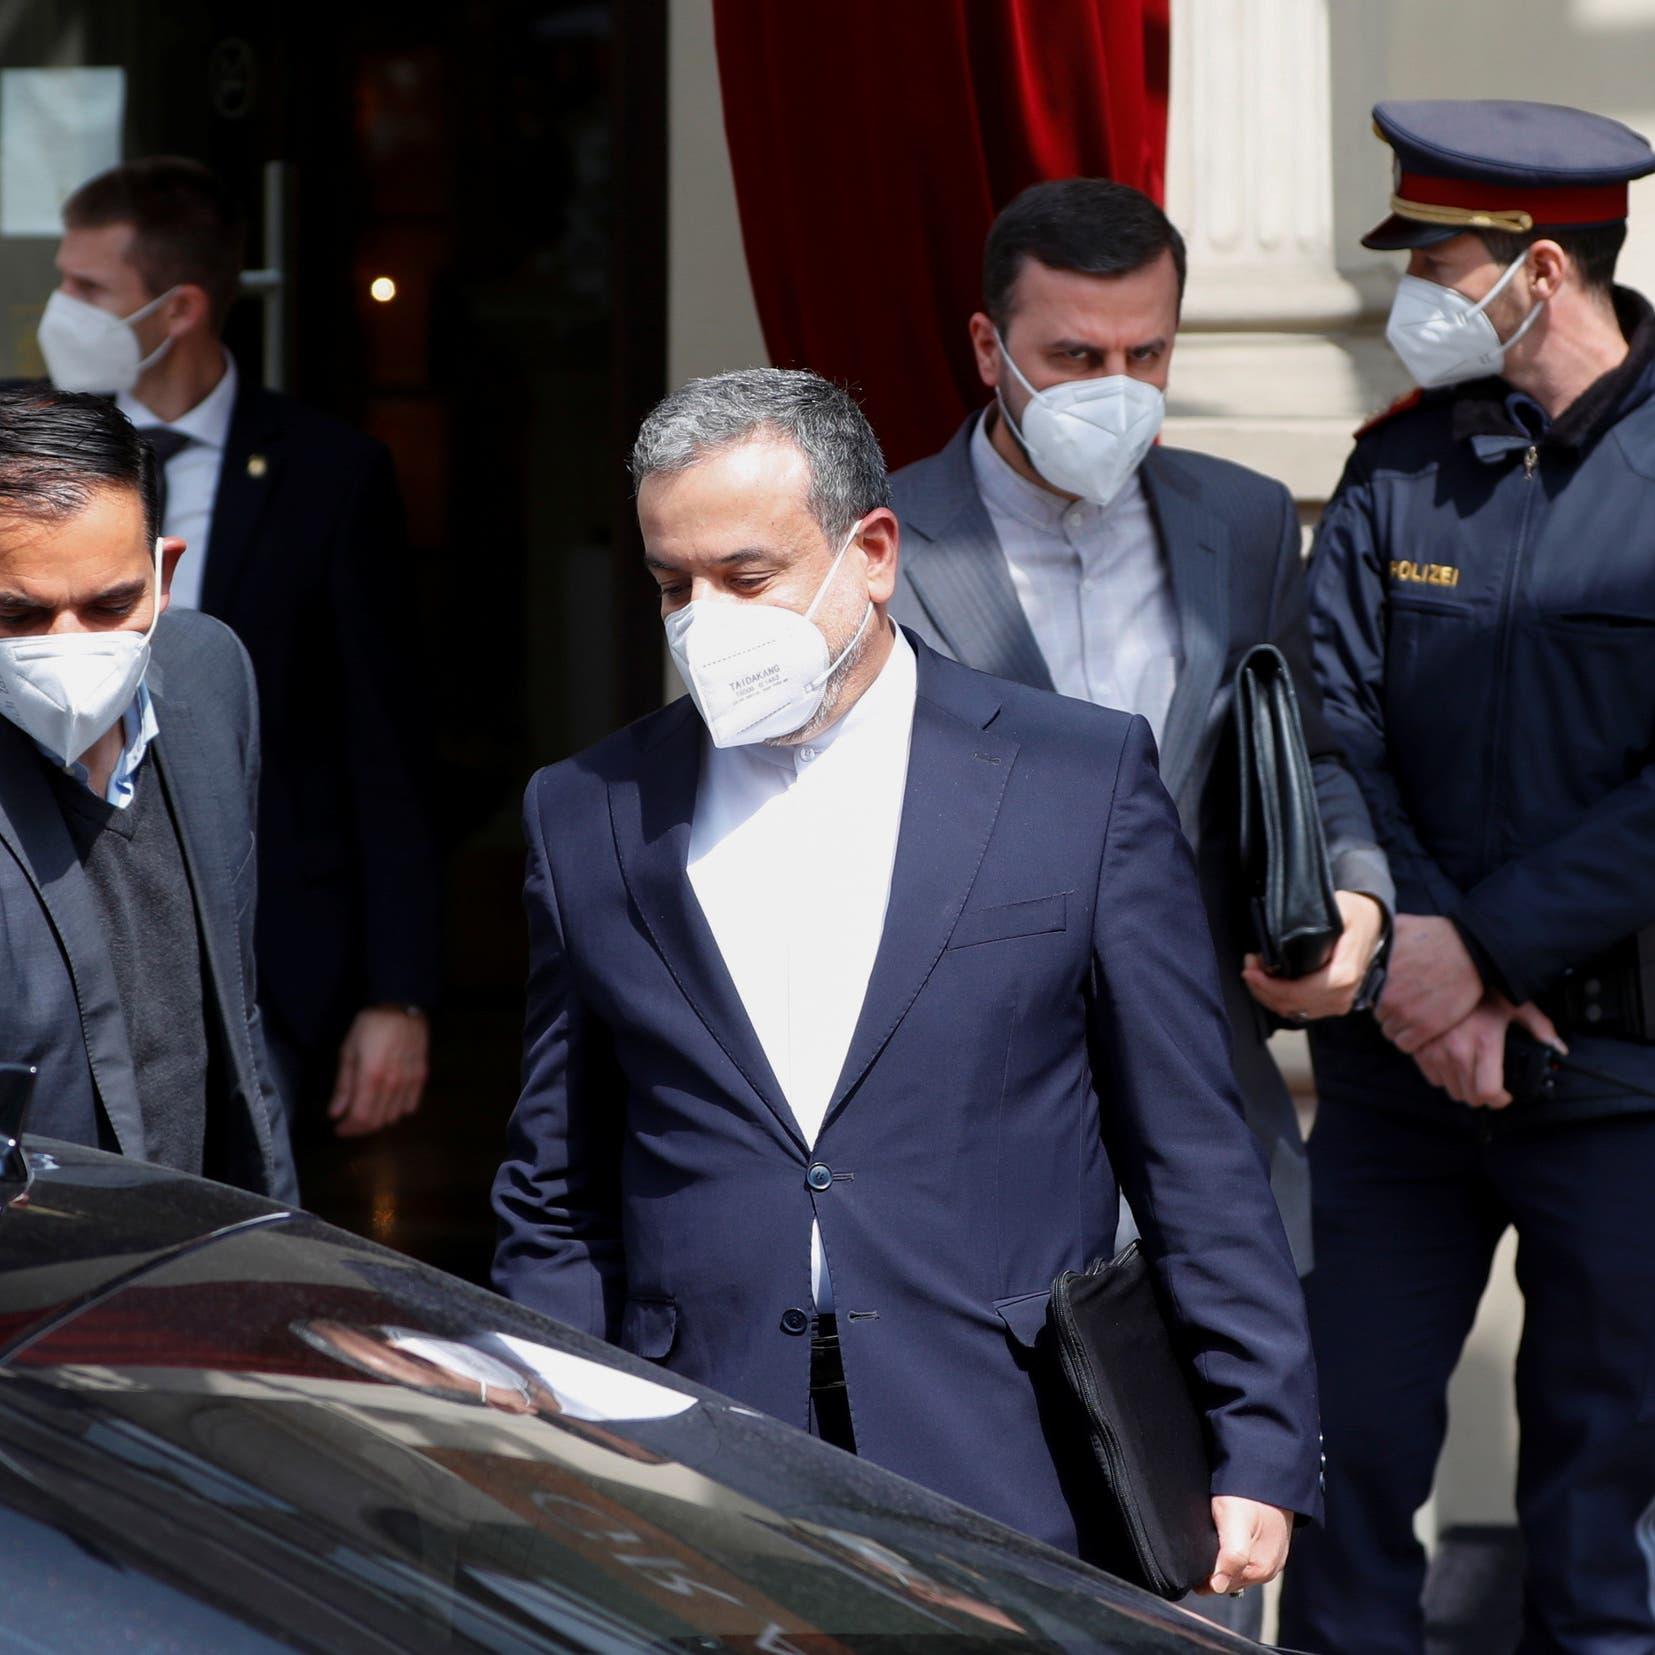 طهران: بعض مواقف الوفد الأميركي في فيينا غير مقبولة